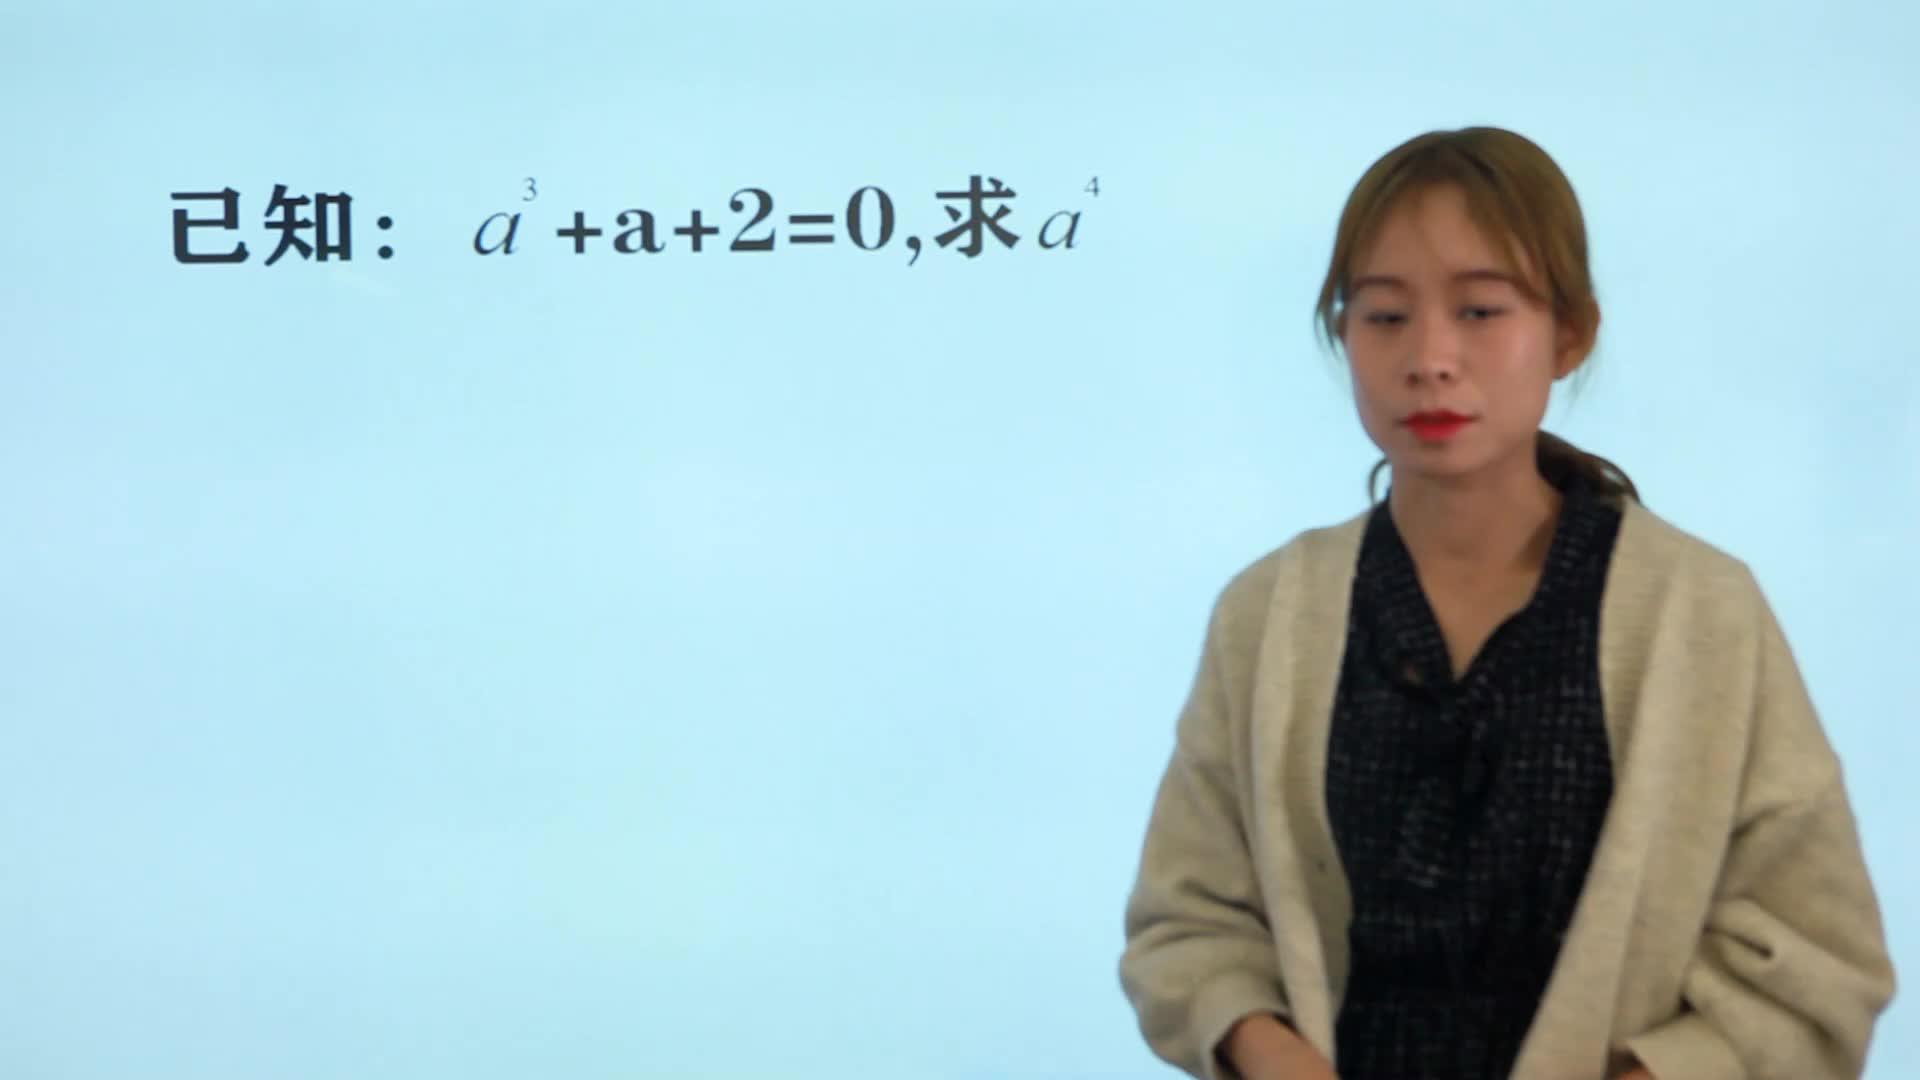 北京市中考真题,高次方程怎么解?因式分解能力的考察